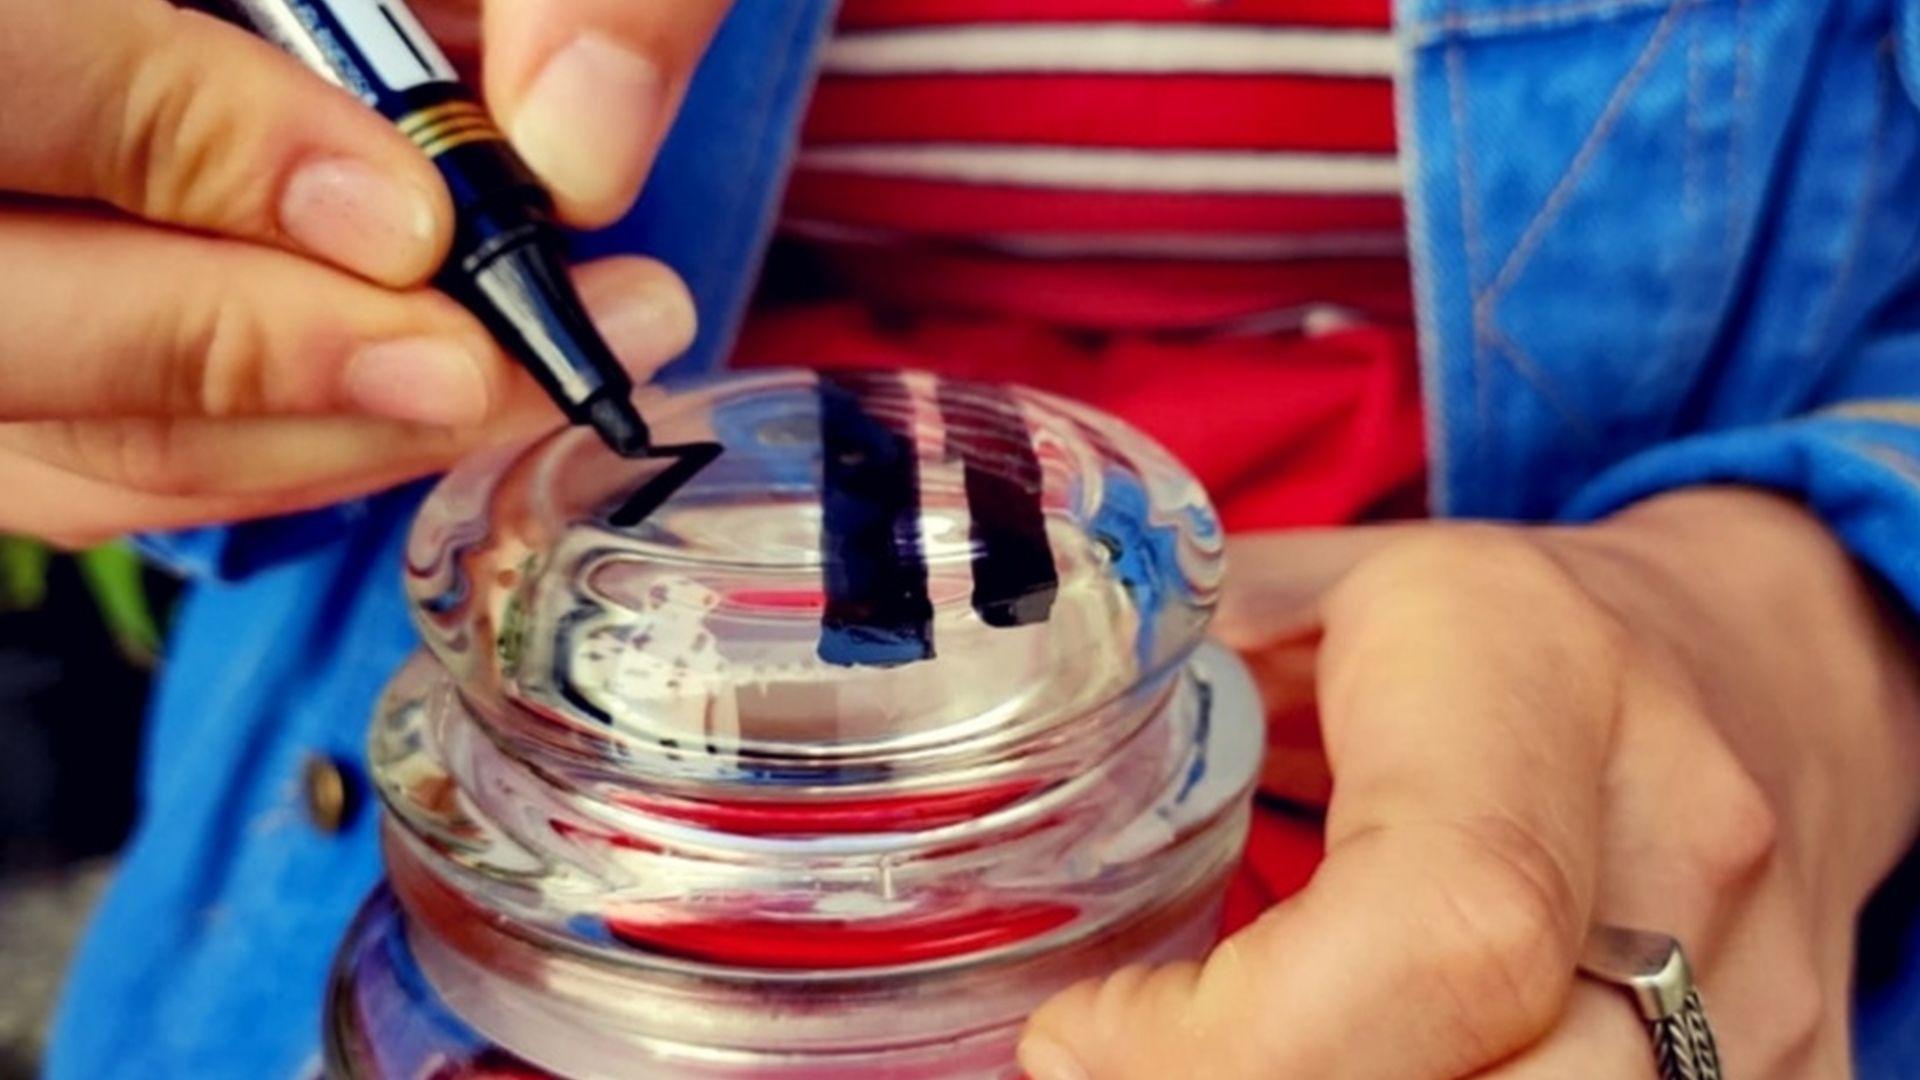 zdjęcie ilustracyjne. szklany słoik ze szklaną pokrywką, dłonie trzymające mazak typu marker malują wzorki na pokrywce